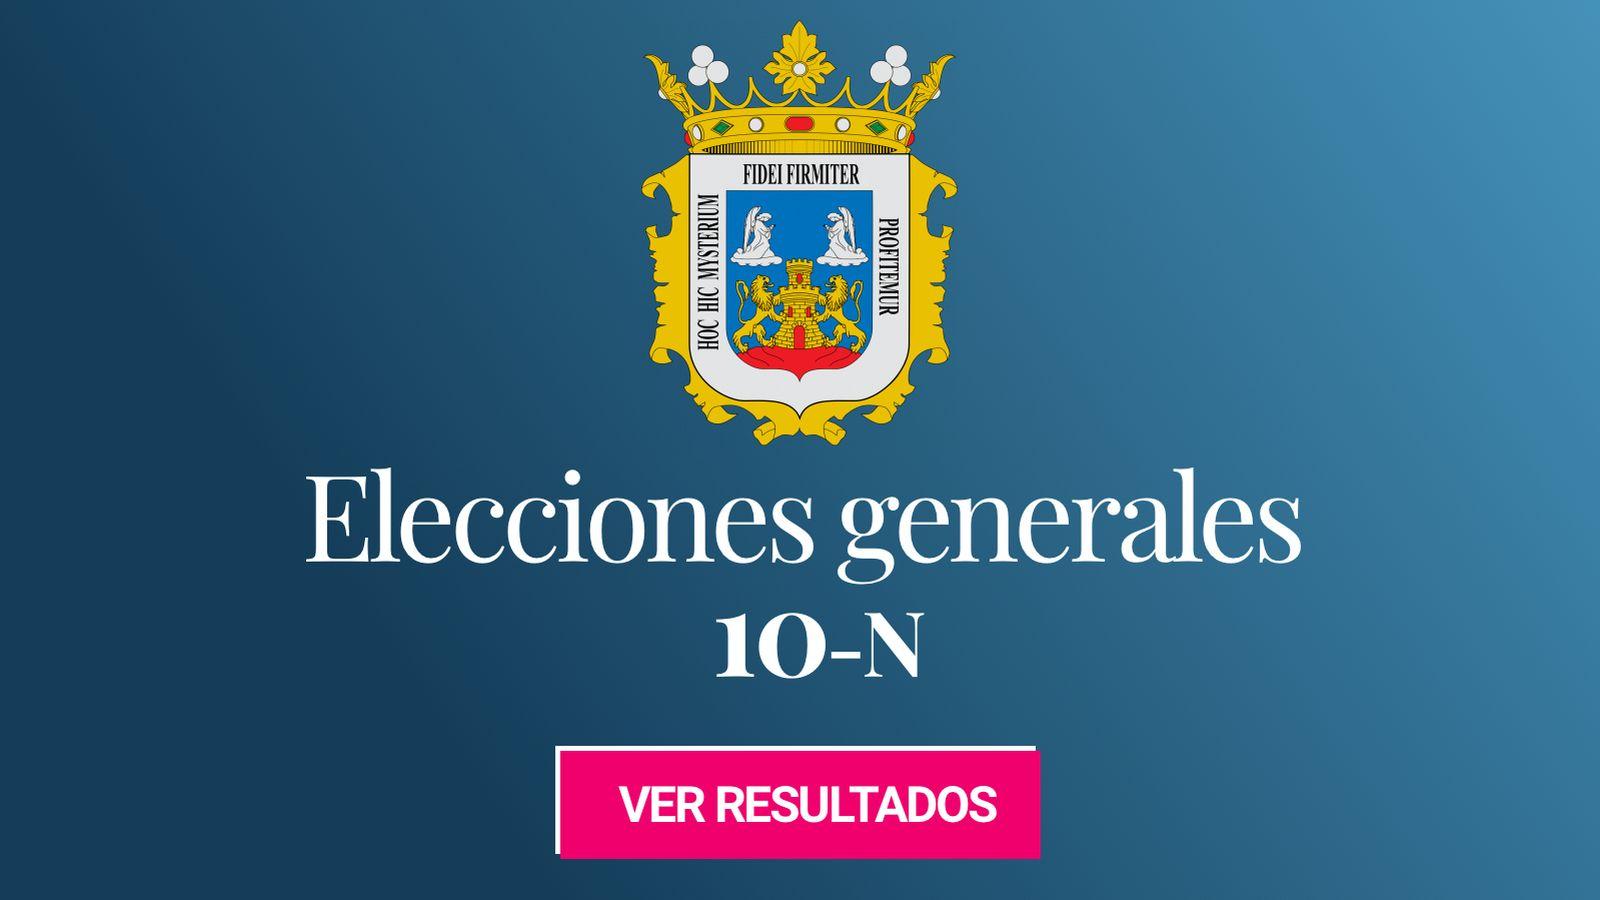 Foto: Elecciones generales 2019 en Lugo. (C.C./EC)